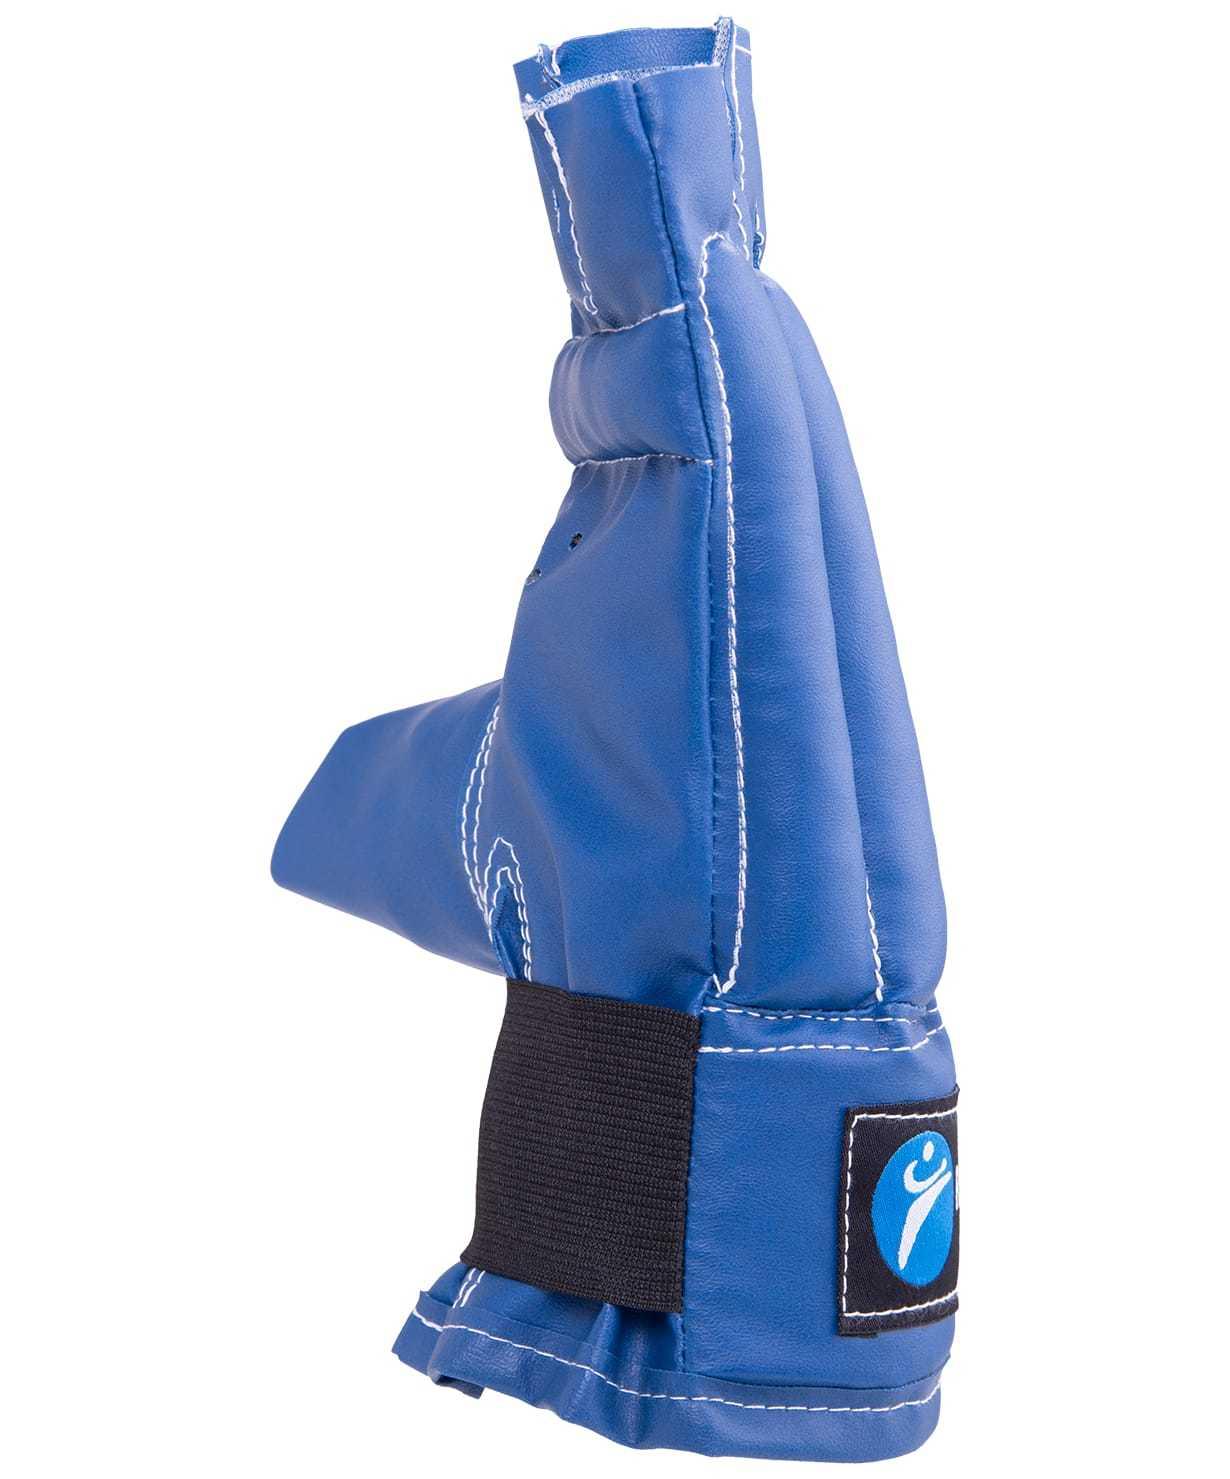 Снарядные перчатки Перчатки снарядные Rusco 02d596c53c33eccd6e8146b72212472d.jpg